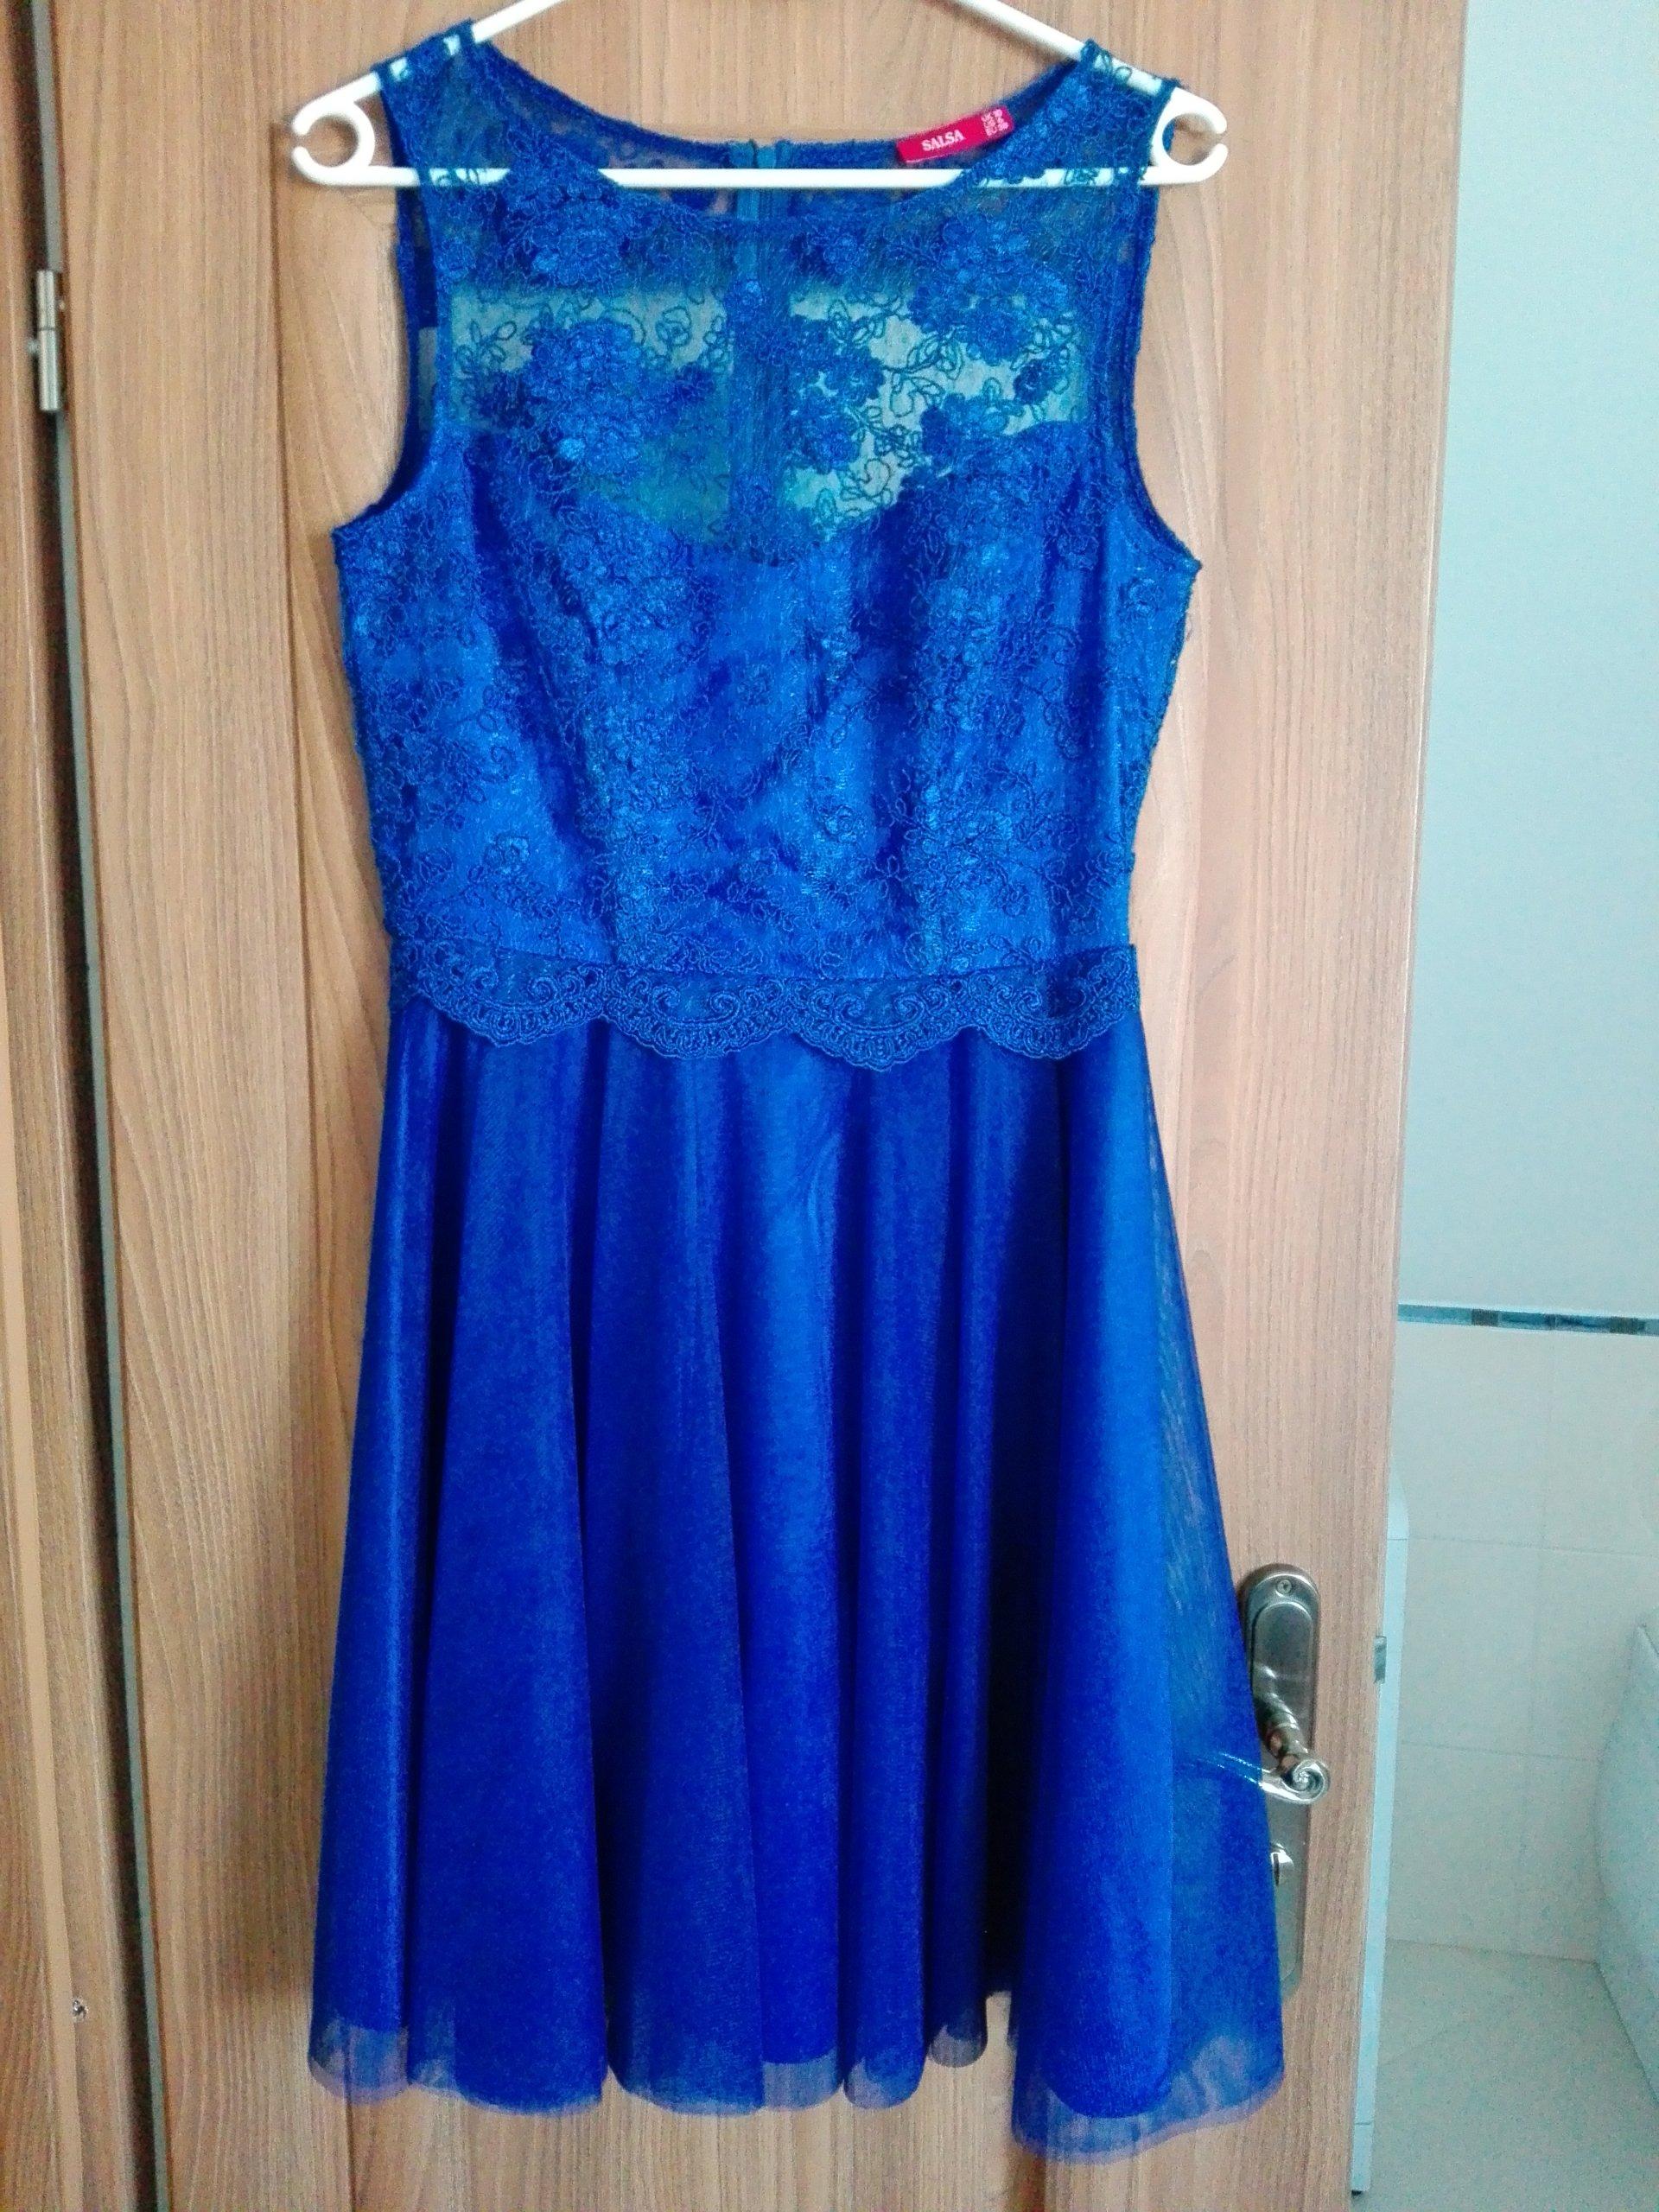 8f74a1c9b7 Sukienka koronkowa chabrowa roz.38 - 6911232764 - oficjalne archiwum ...